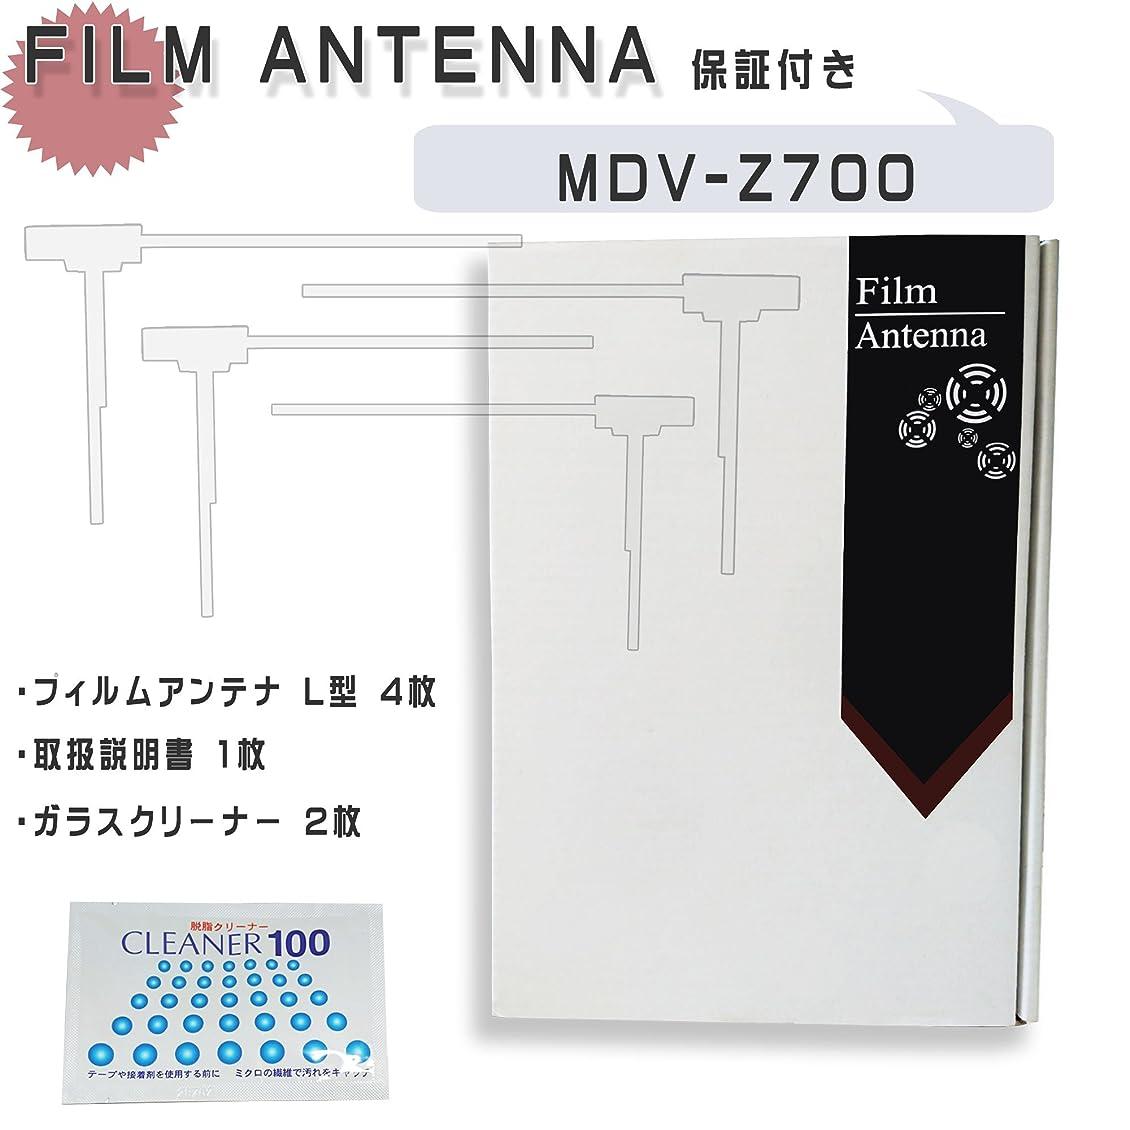 経済例削除する《Jn585-37》フィルムアンテナL型 4枚Set 左右2枚づつ「MDV-Z700」用ケンウッド Kenwoodクリーナー2枚セット補修?ガラス交換等に